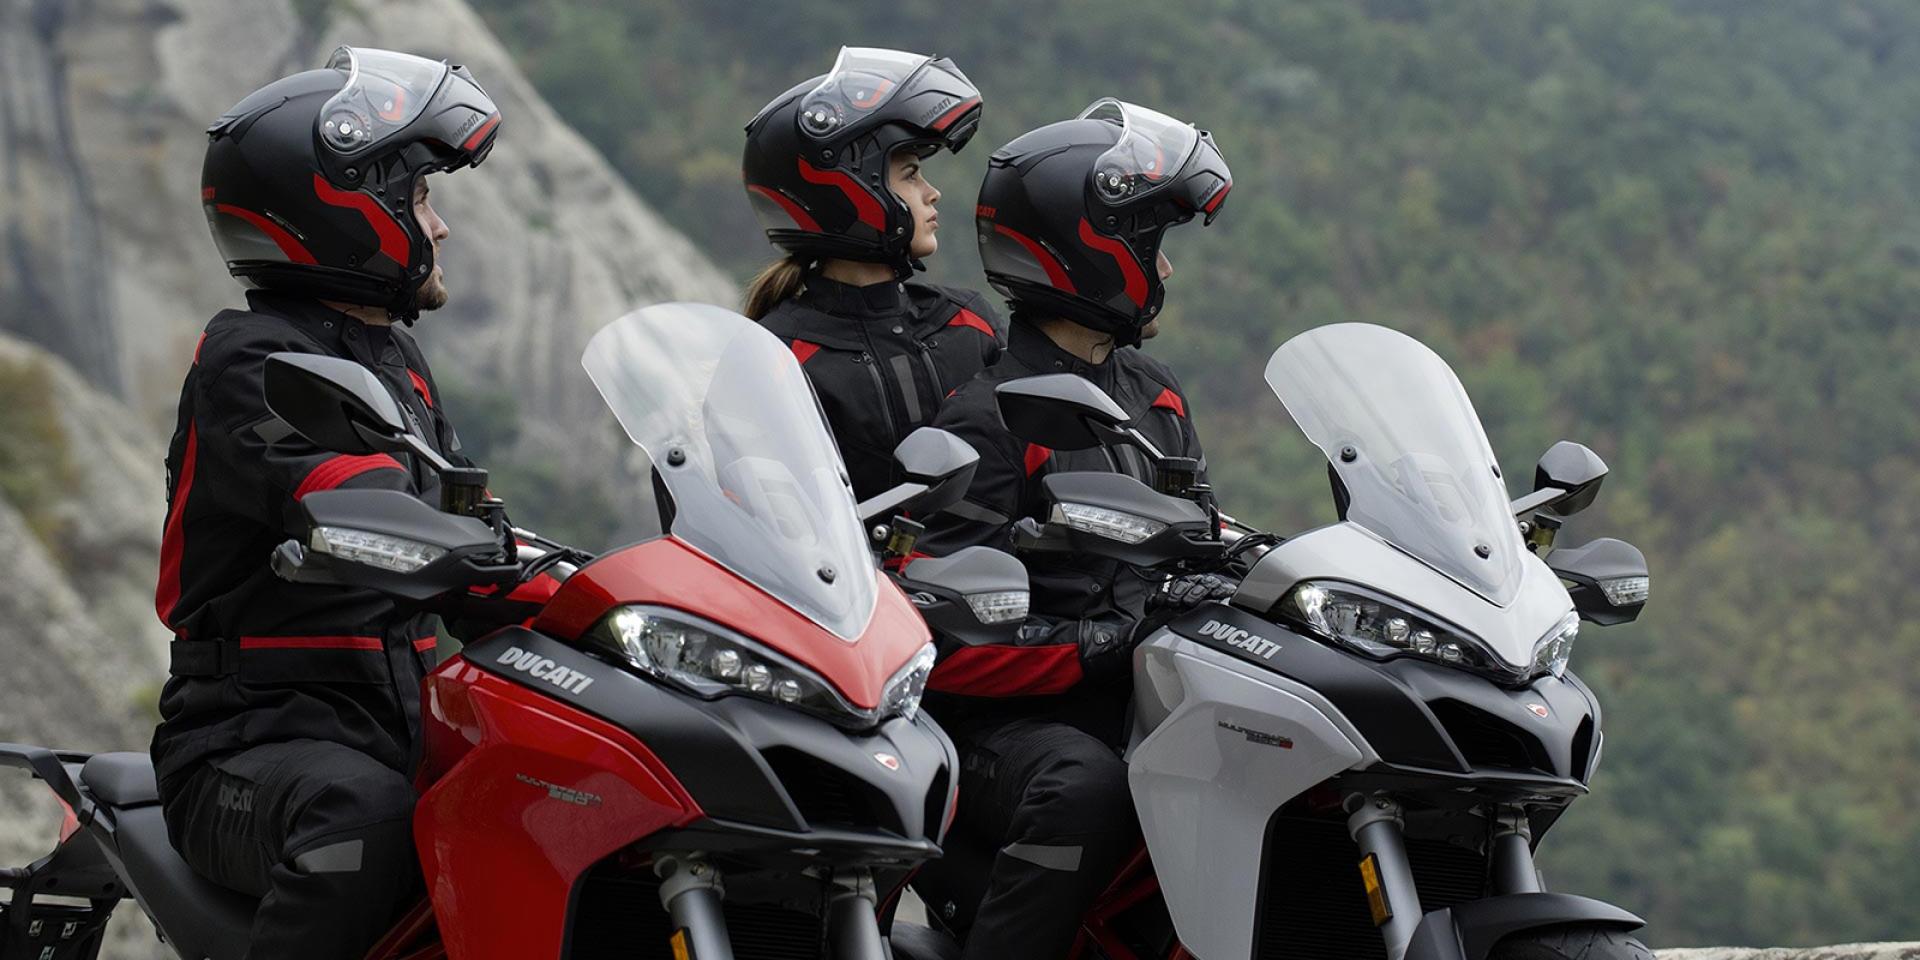 官方新聞稿。破天荒! Ducati Multistrada 950 新價迎新歲!